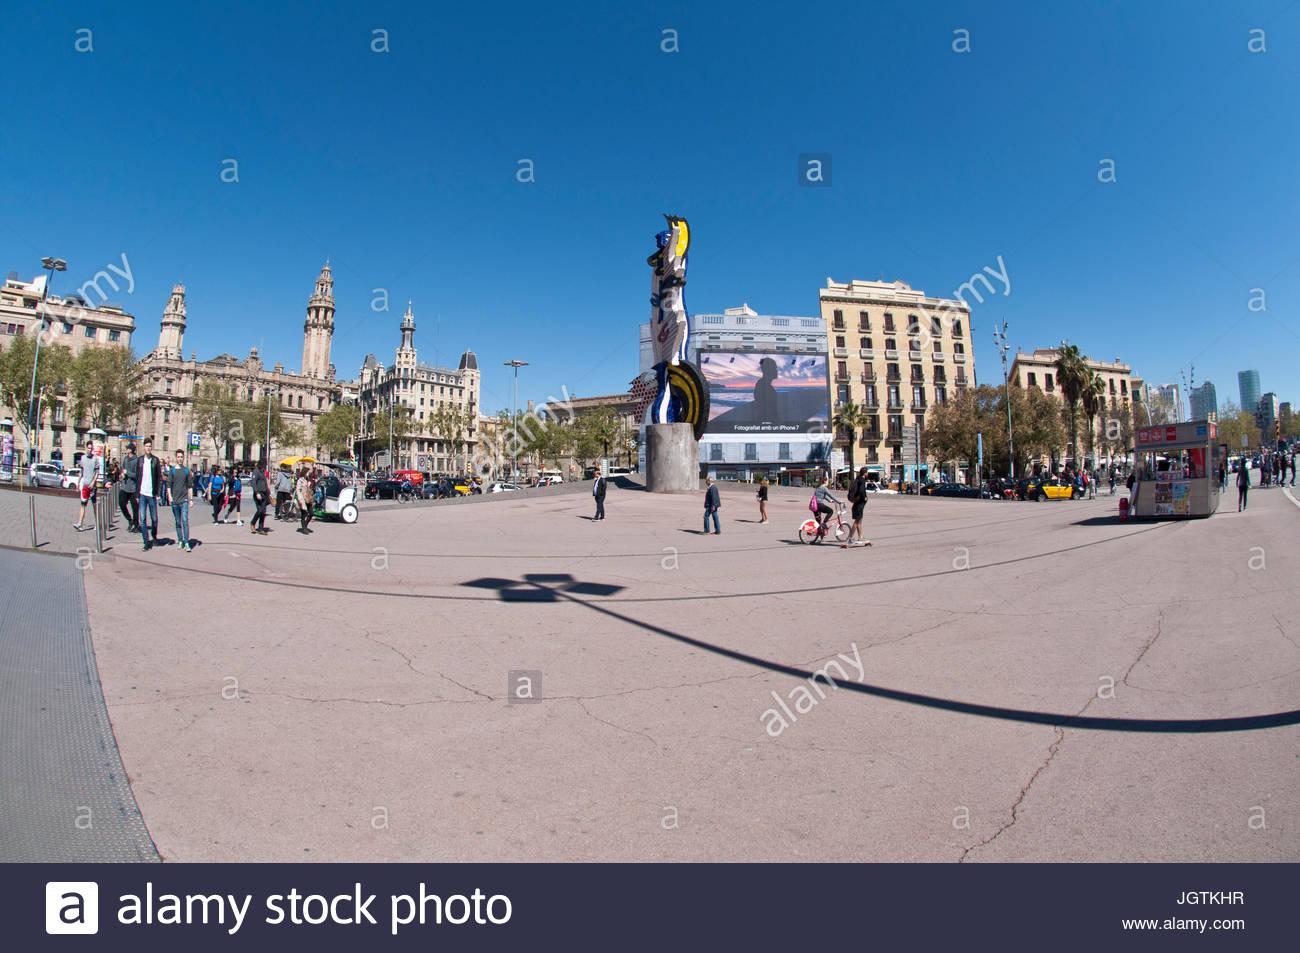 Barcelona's Head, Roy Lichtenstein sculpture, Barcelona, Spain - Stock Image